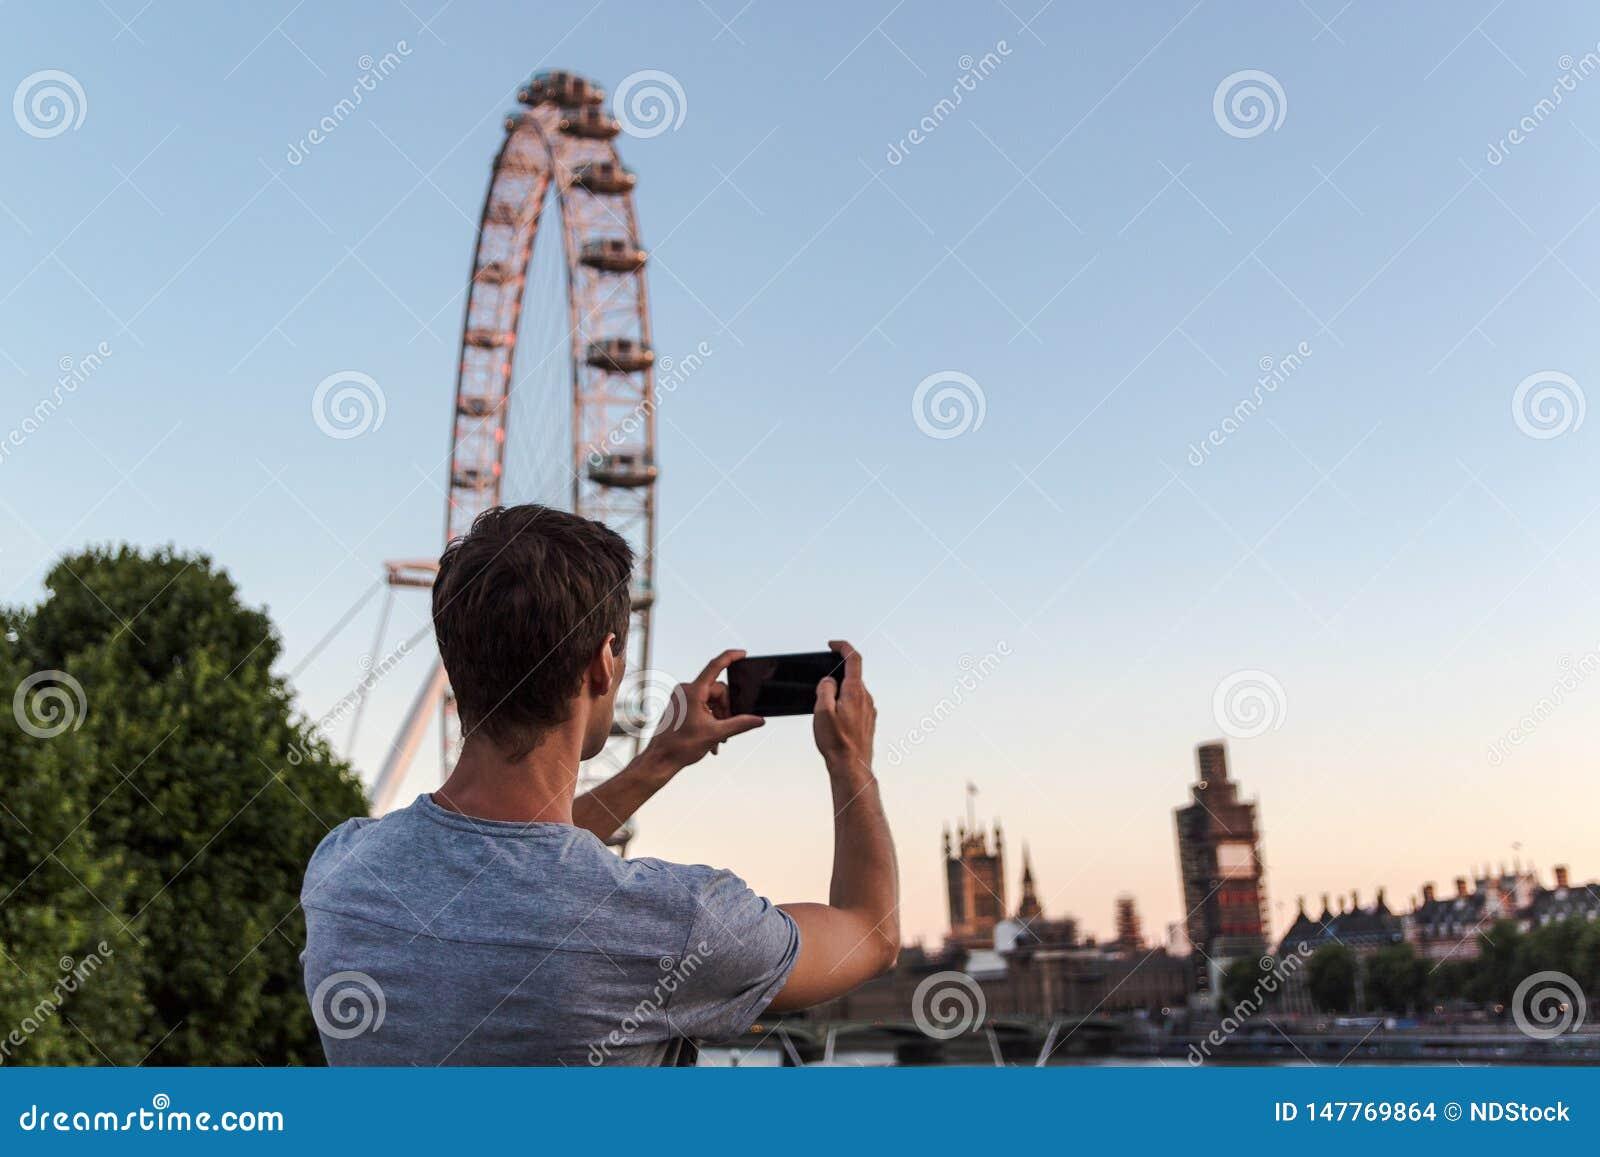 Jeden młody człowiek bierze obrazek big ben podczas odświeżania